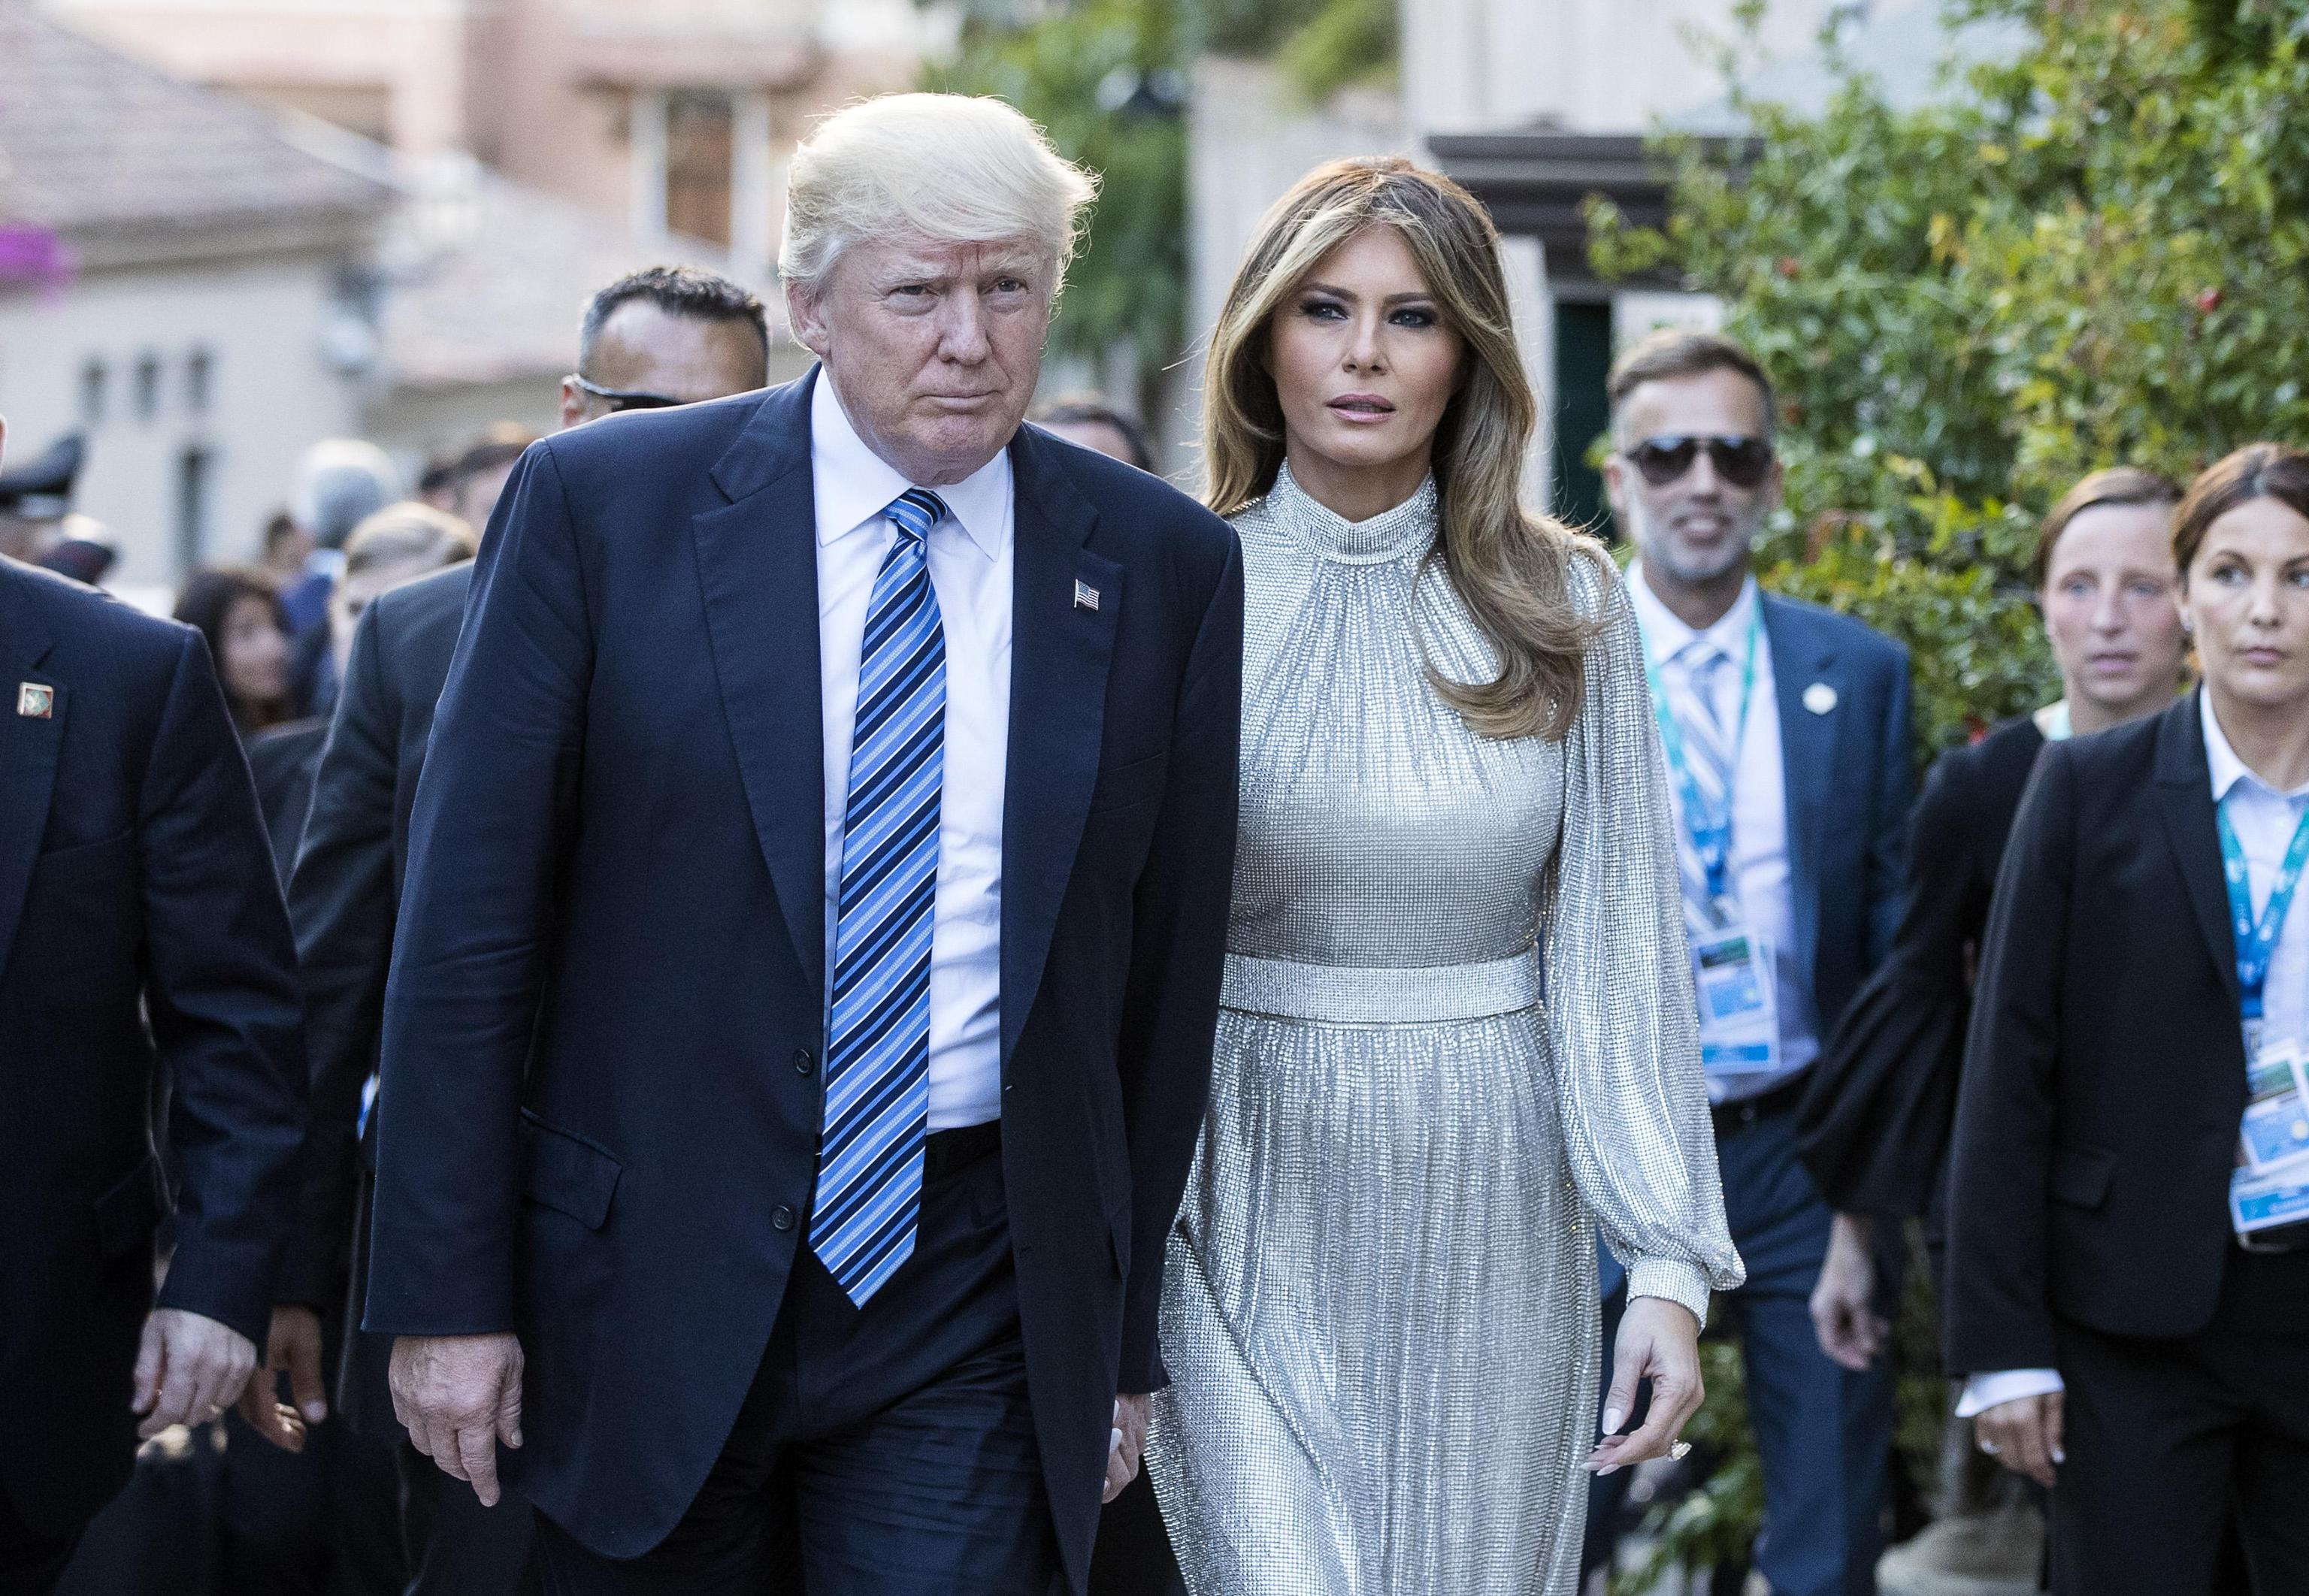 Il compleanno di Donald Trump e la festa organizzata da Melania